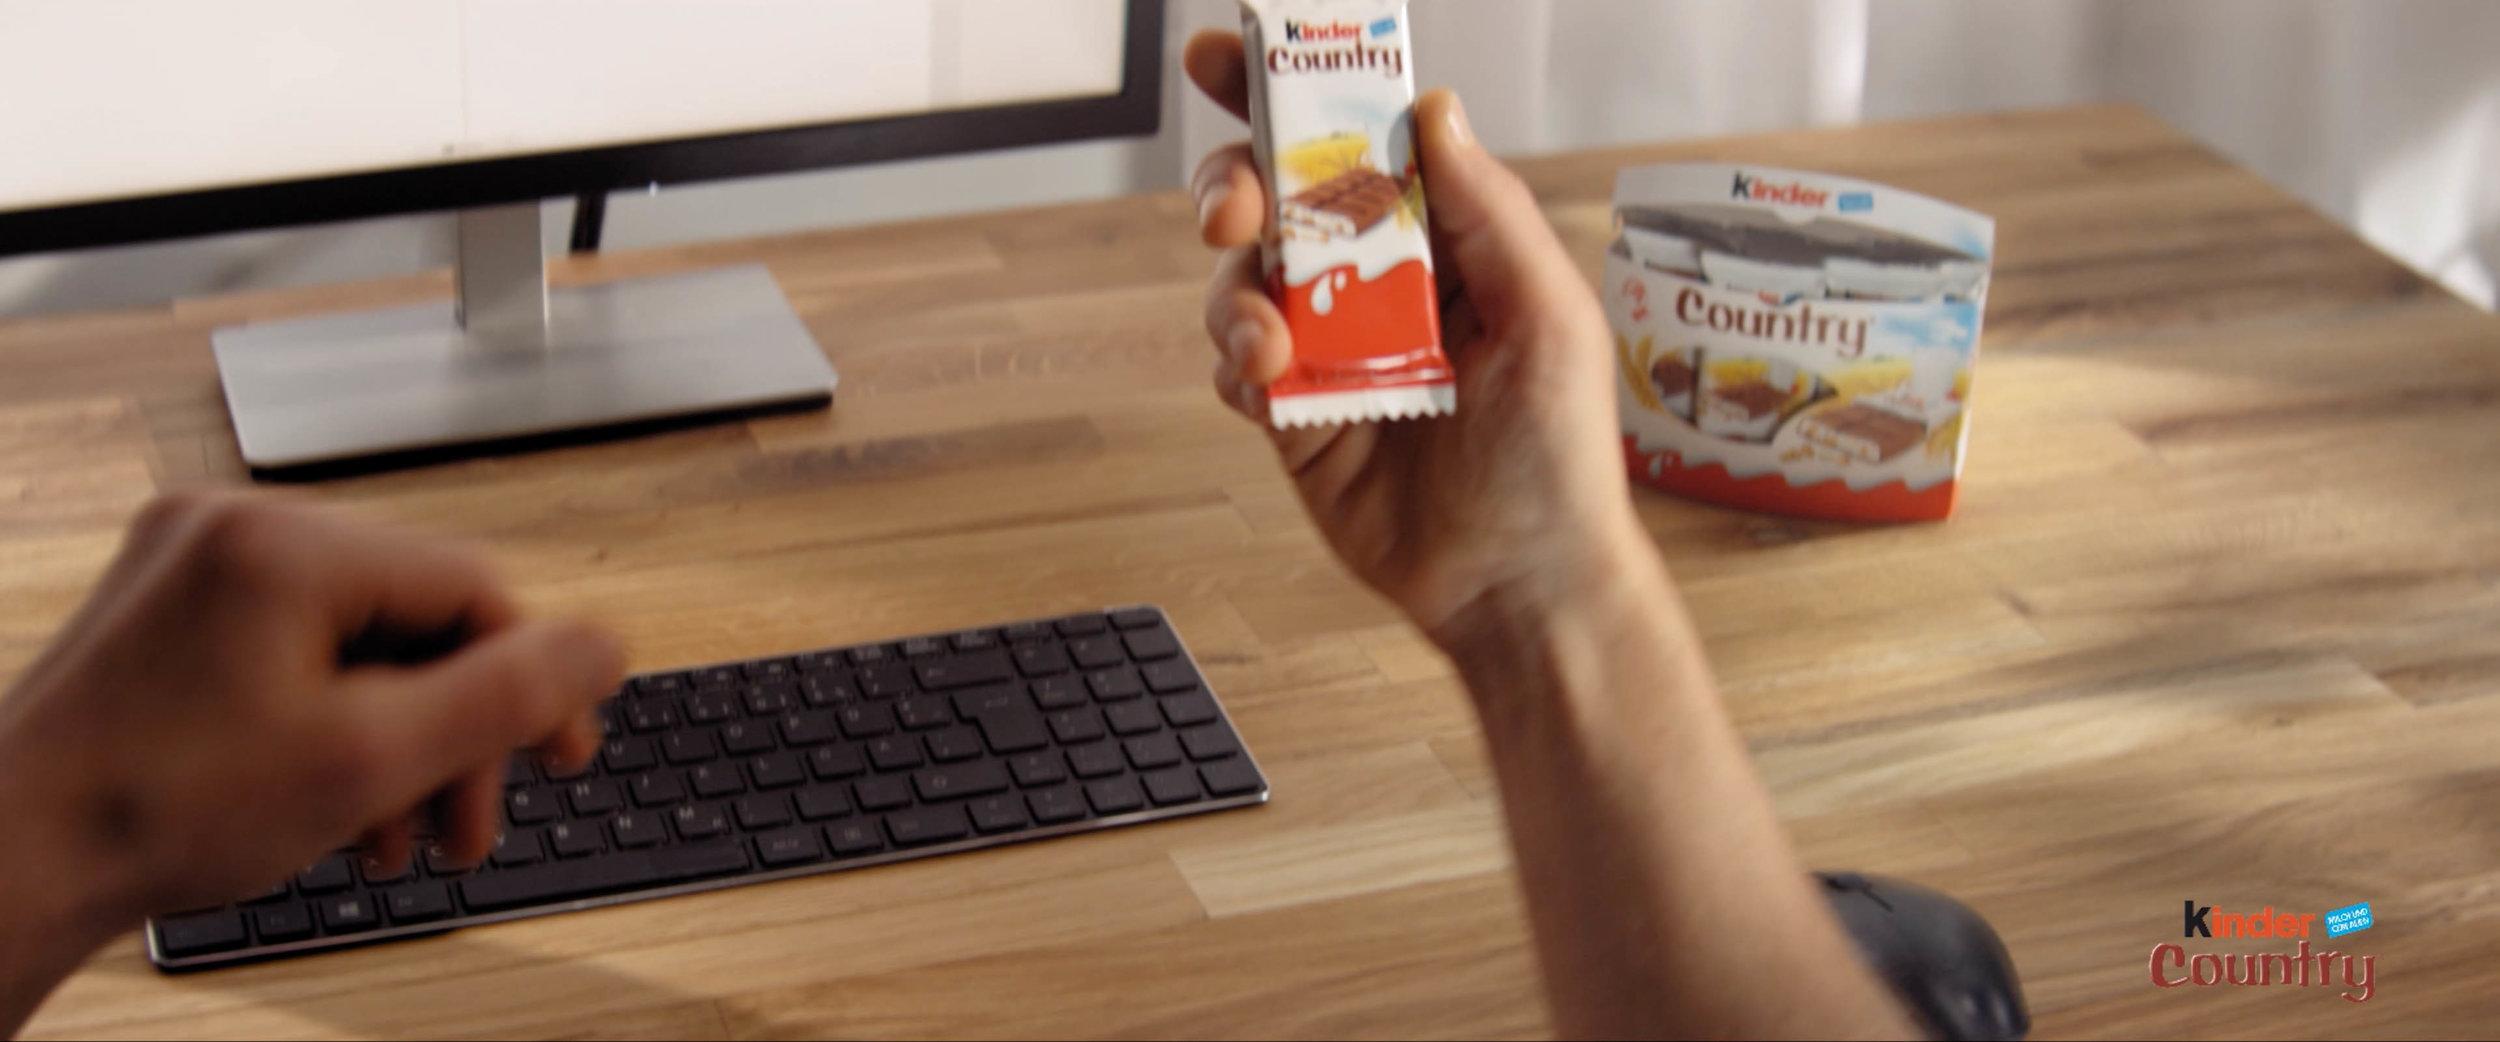 Kinder-Country-Ferrero-Product-Shot-Filmstill_01.jpg